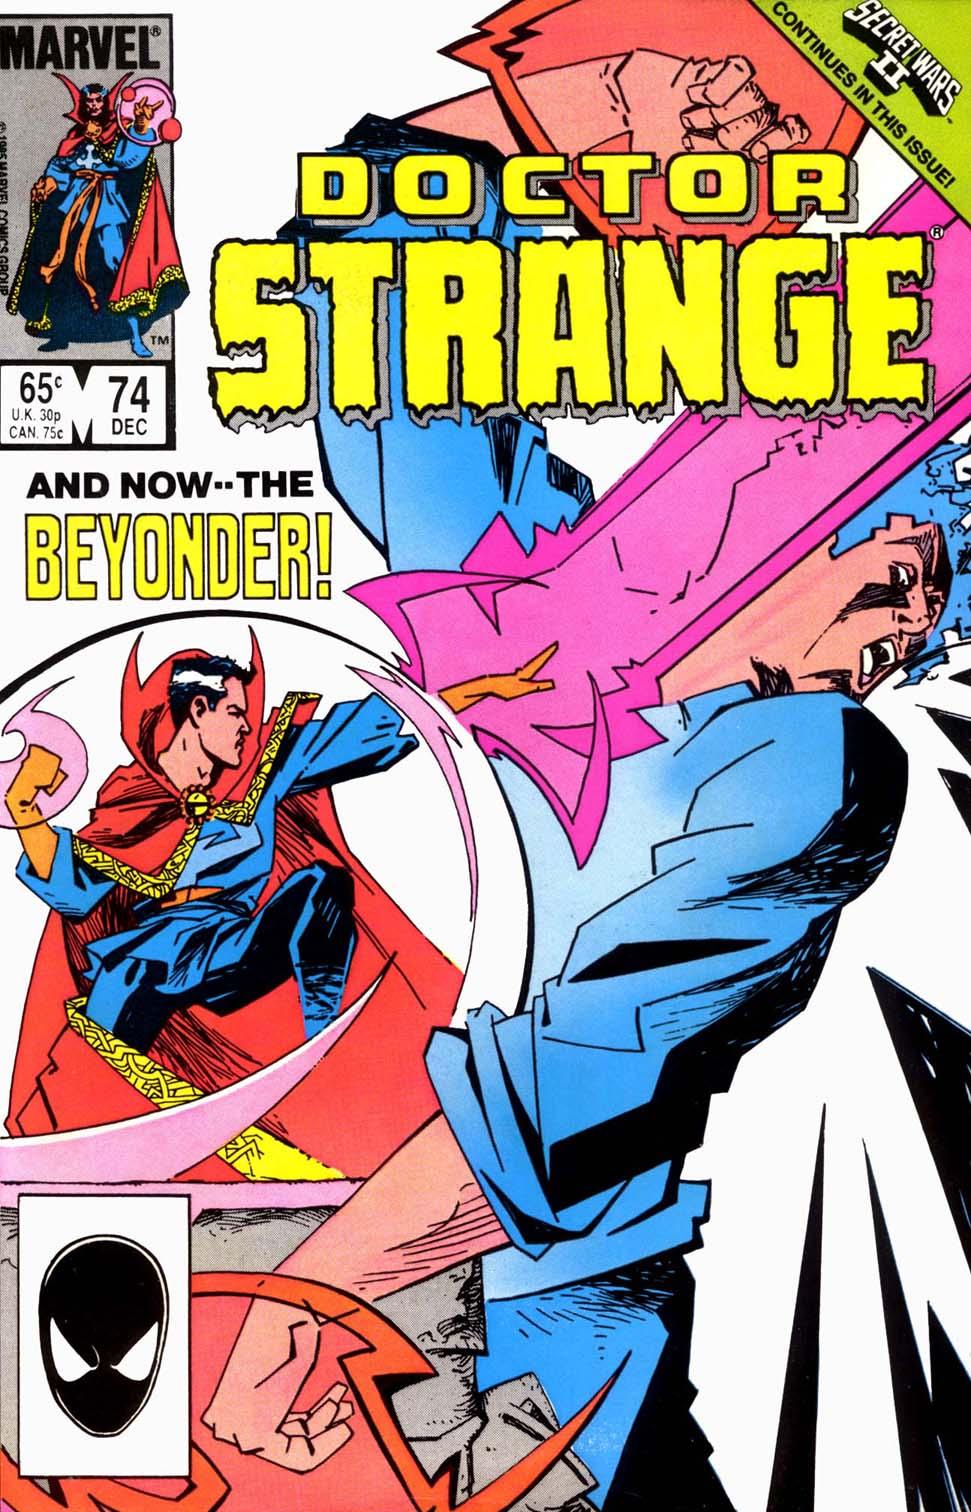 Doctor Strange (1974) 74 Page 1